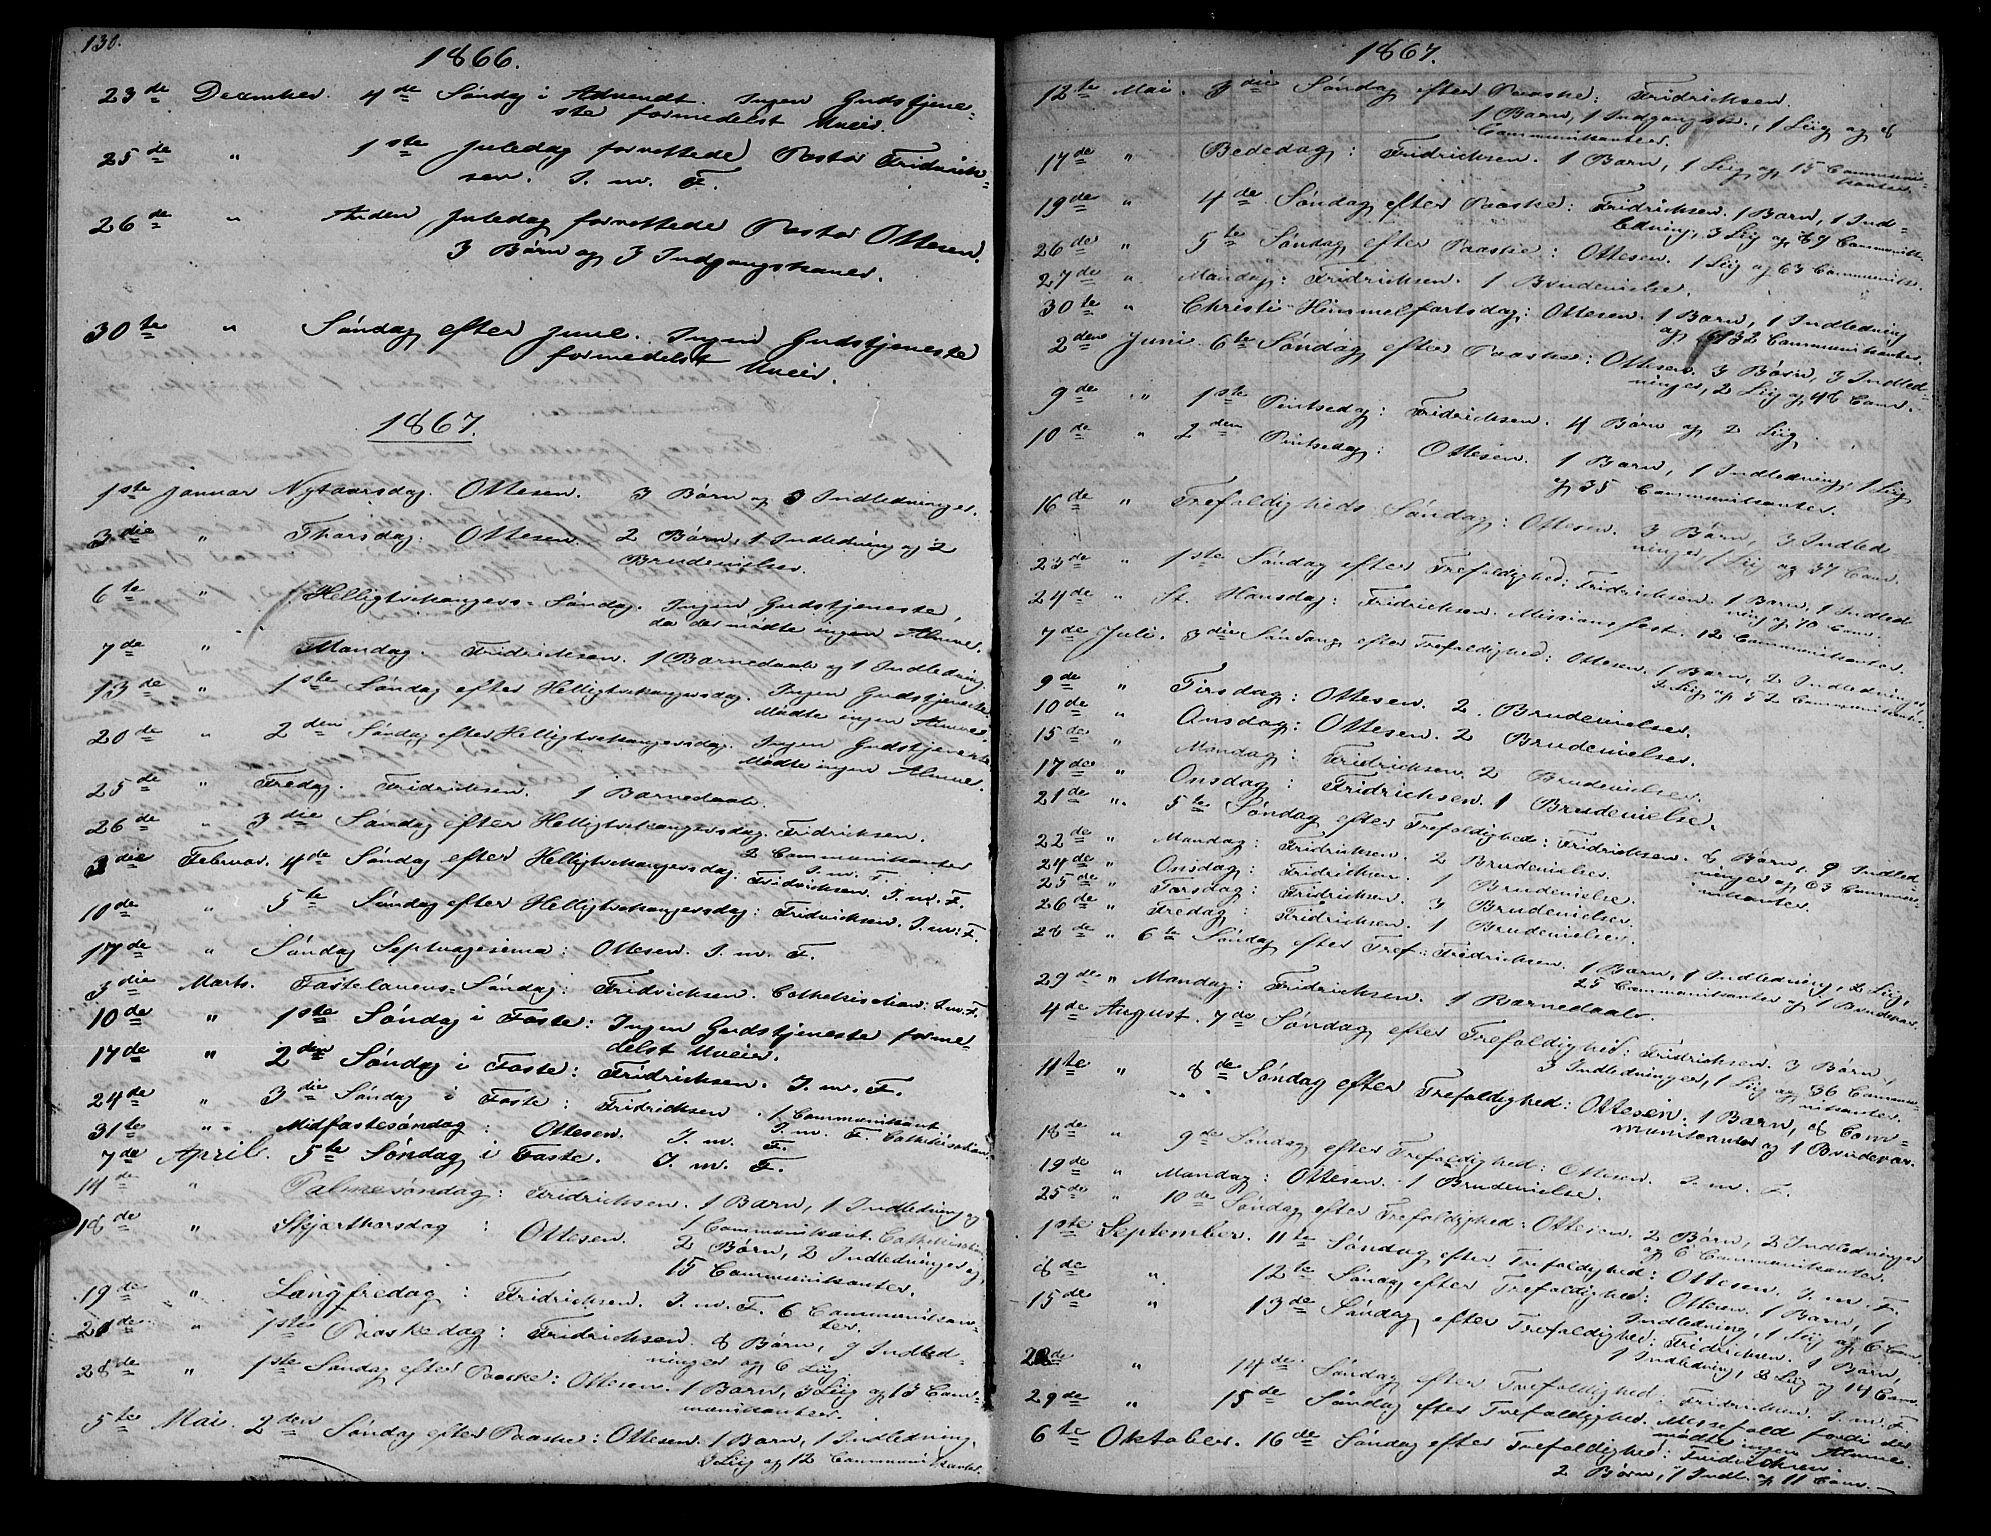 SAT, Ministerialprotokoller, klokkerbøker og fødselsregistre - Sør-Trøndelag, 634/L0539: Klokkerbok nr. 634C01, 1866-1873, s. 130